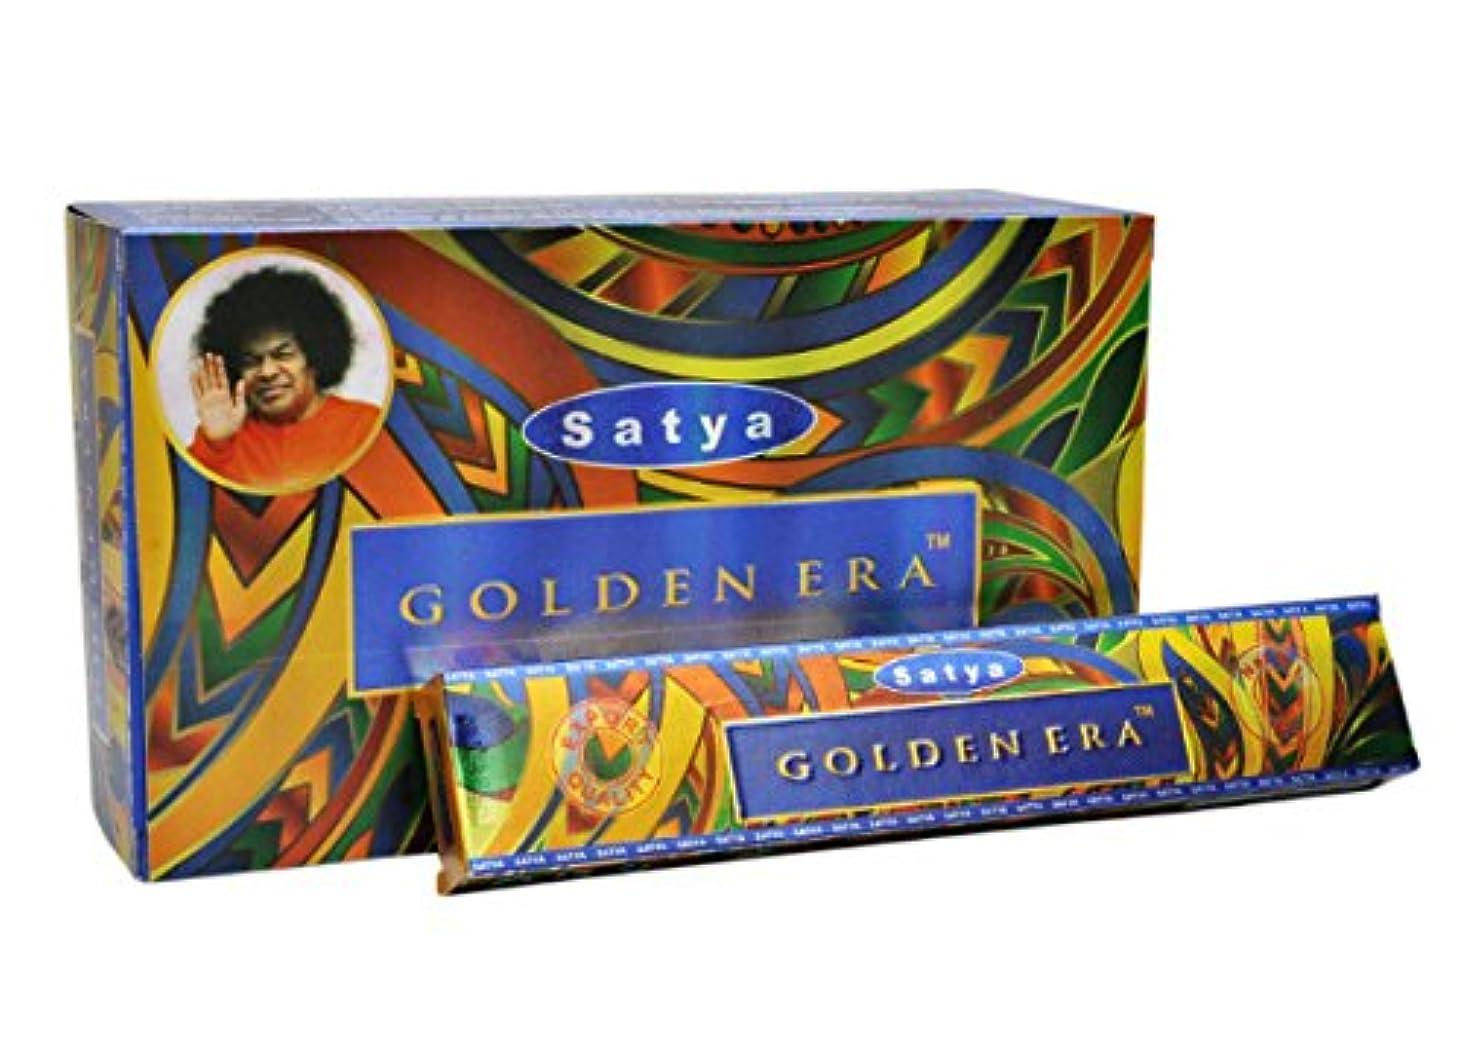 ラベジャニス論理Satya Golden Era お香スティック 180gフルボックス